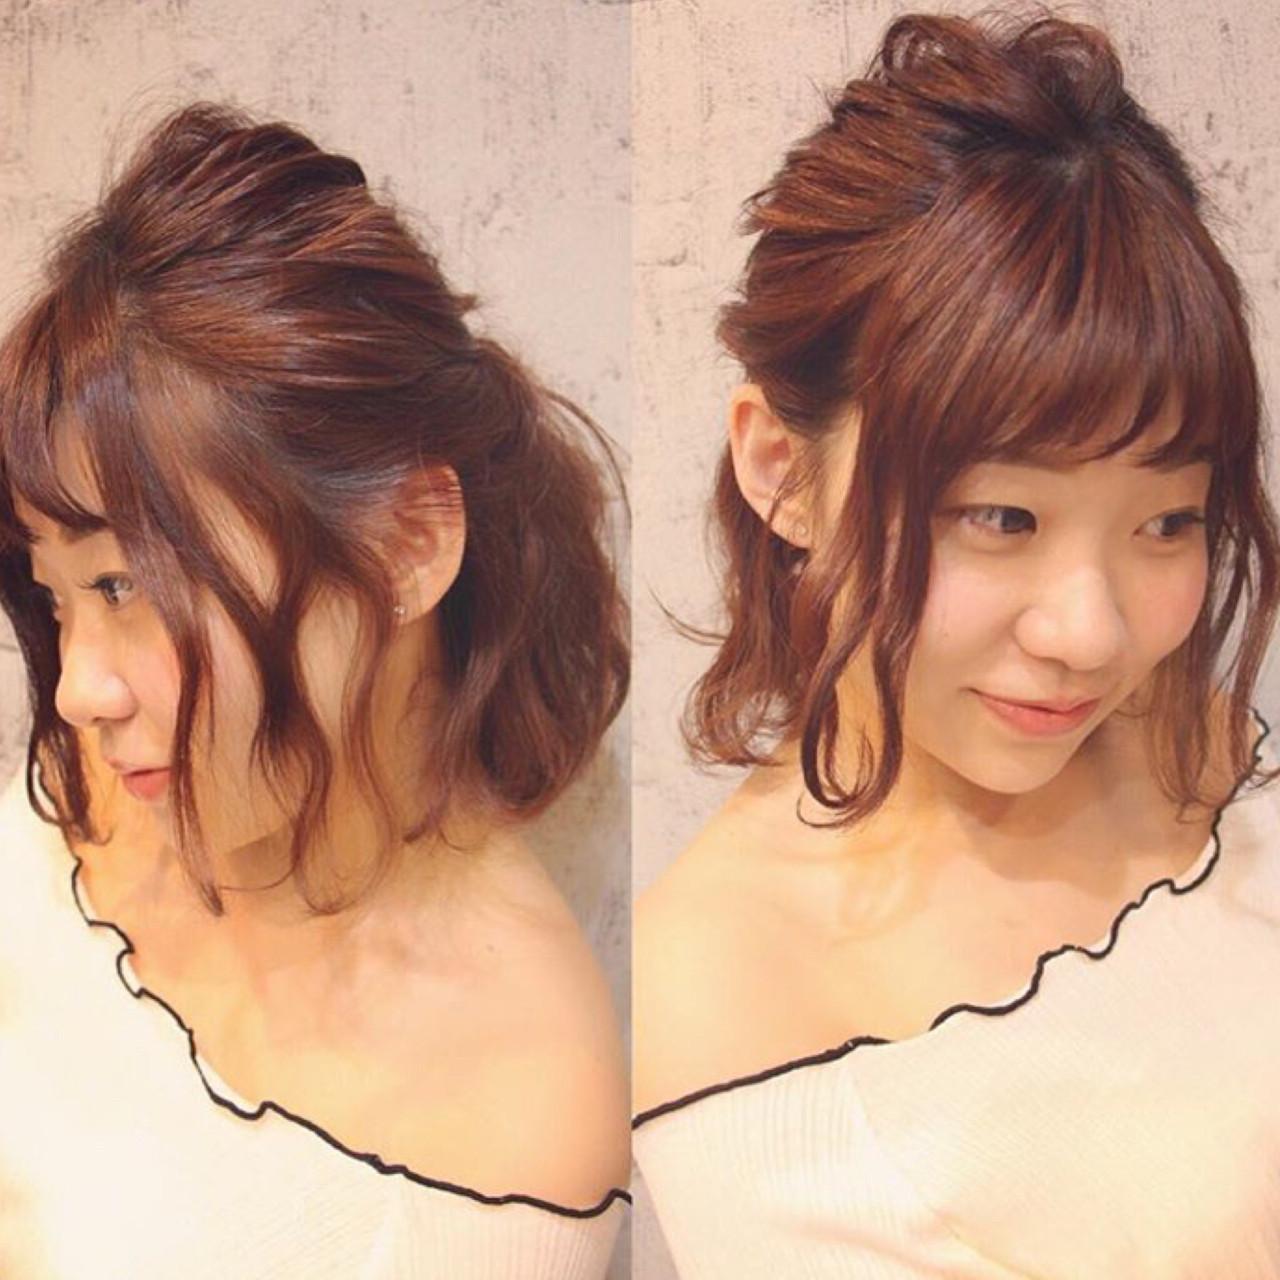 ヘアアレンジ 簡単ヘアアレンジ ボブ ナチュラル ヘアスタイルや髪型の写真・画像 | miyu /